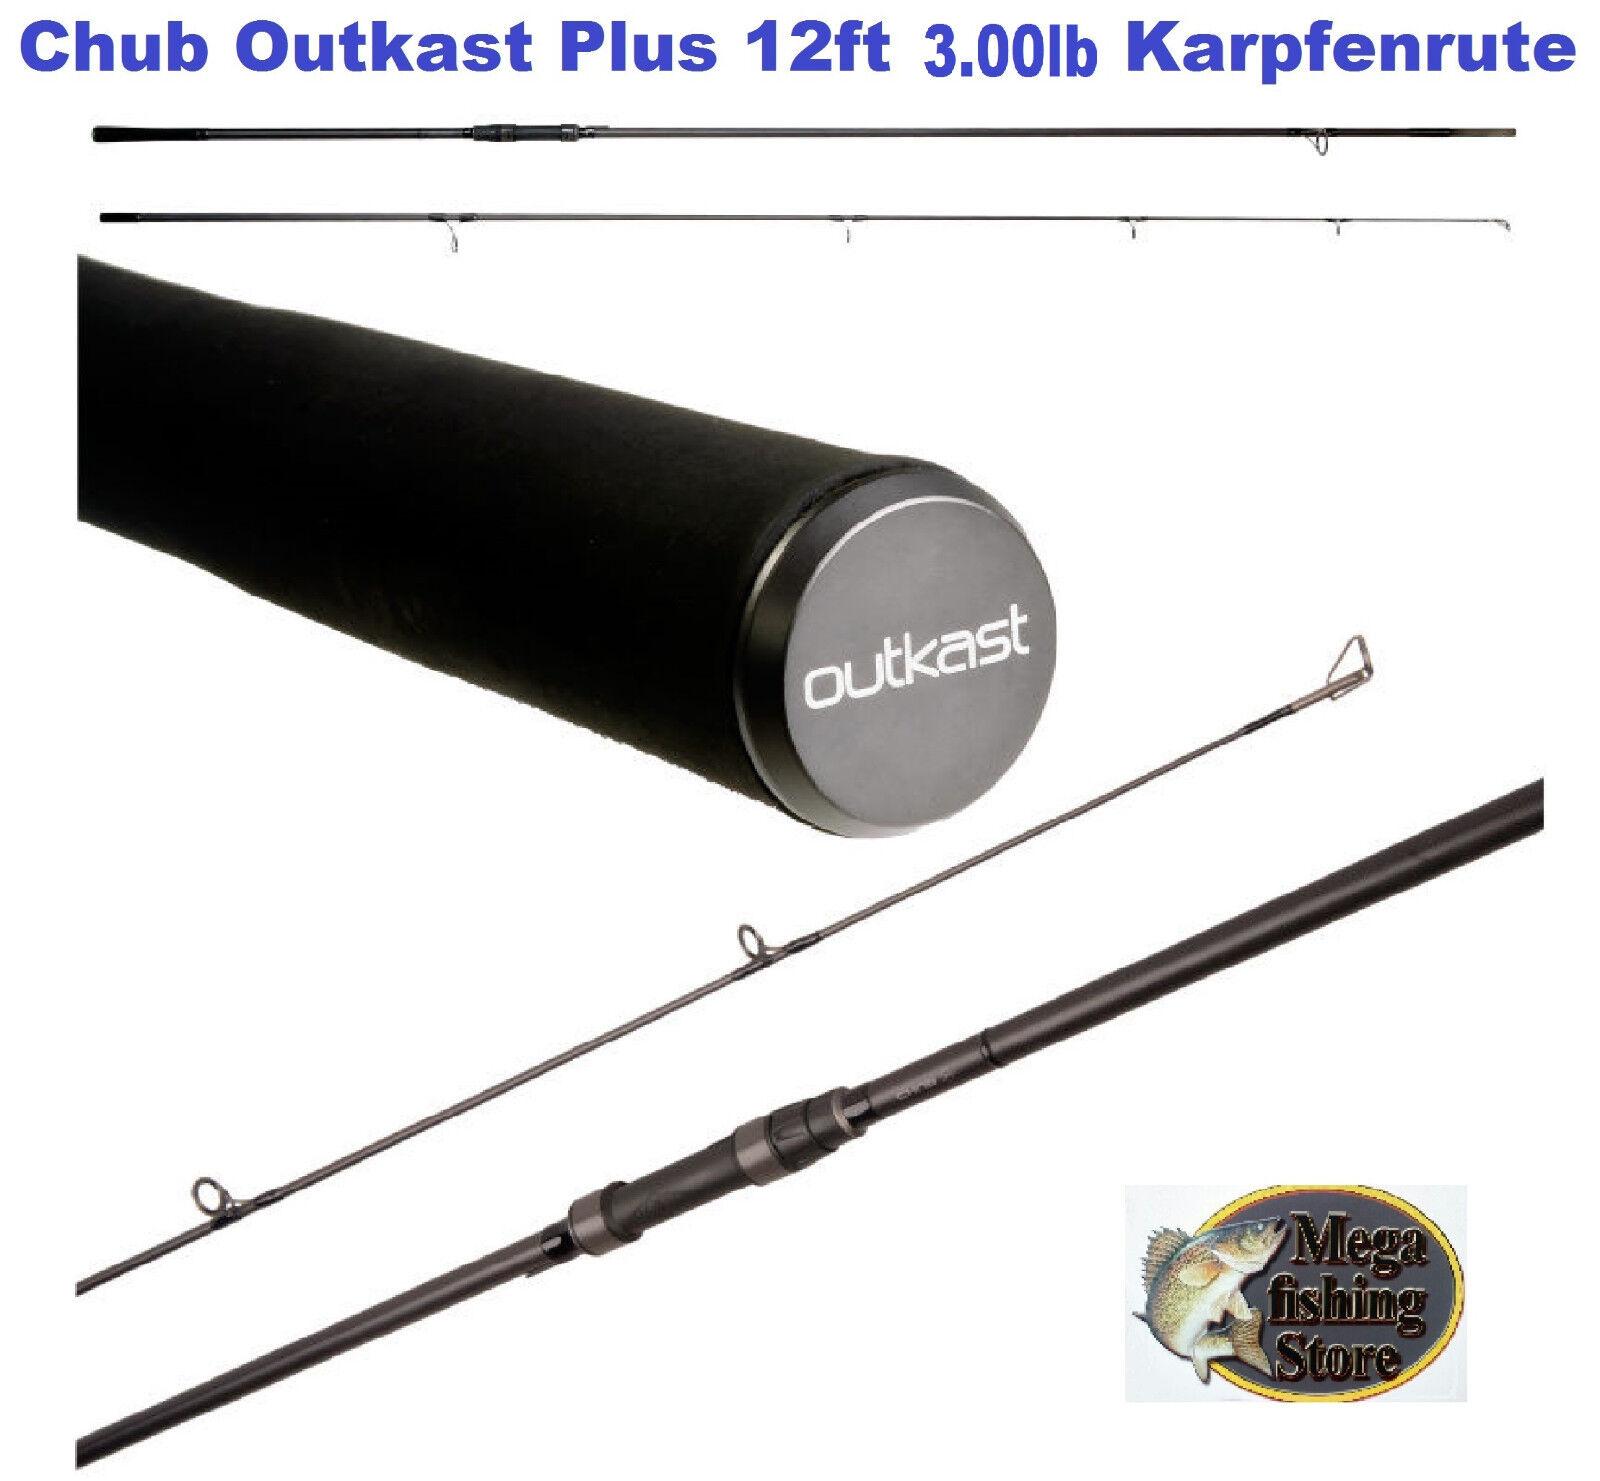 Canna da pesca Chub Outkast Plus 12ft 3.00 LB storione & CARPA CANNA CARPA PESCA